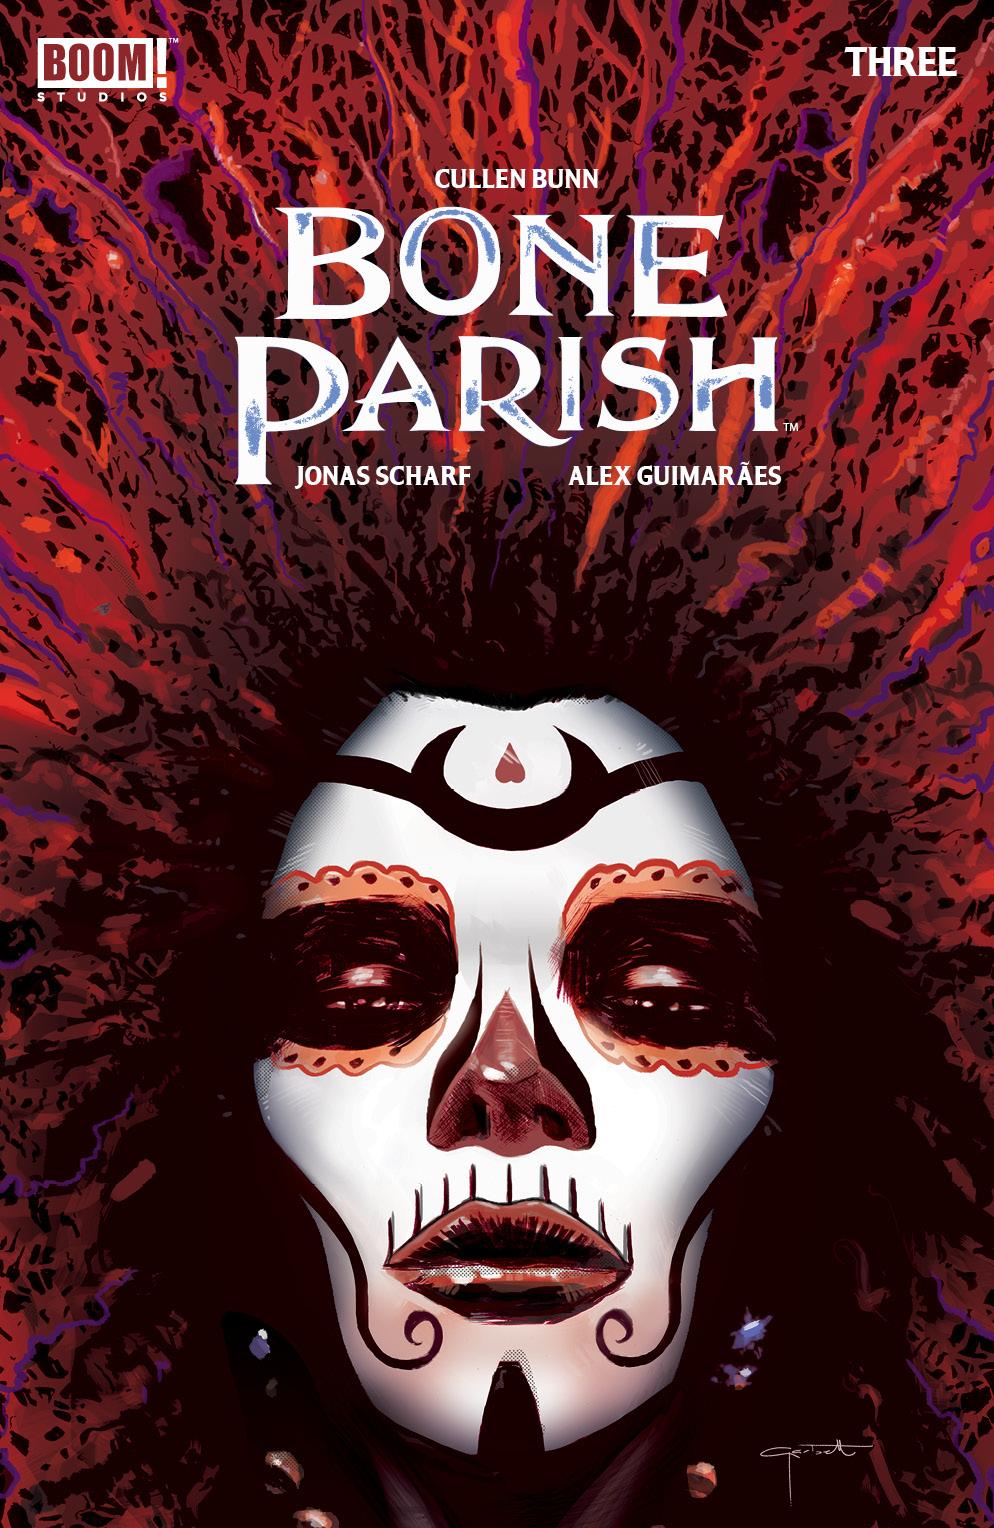 Bone Parish #3  is out 9/26.